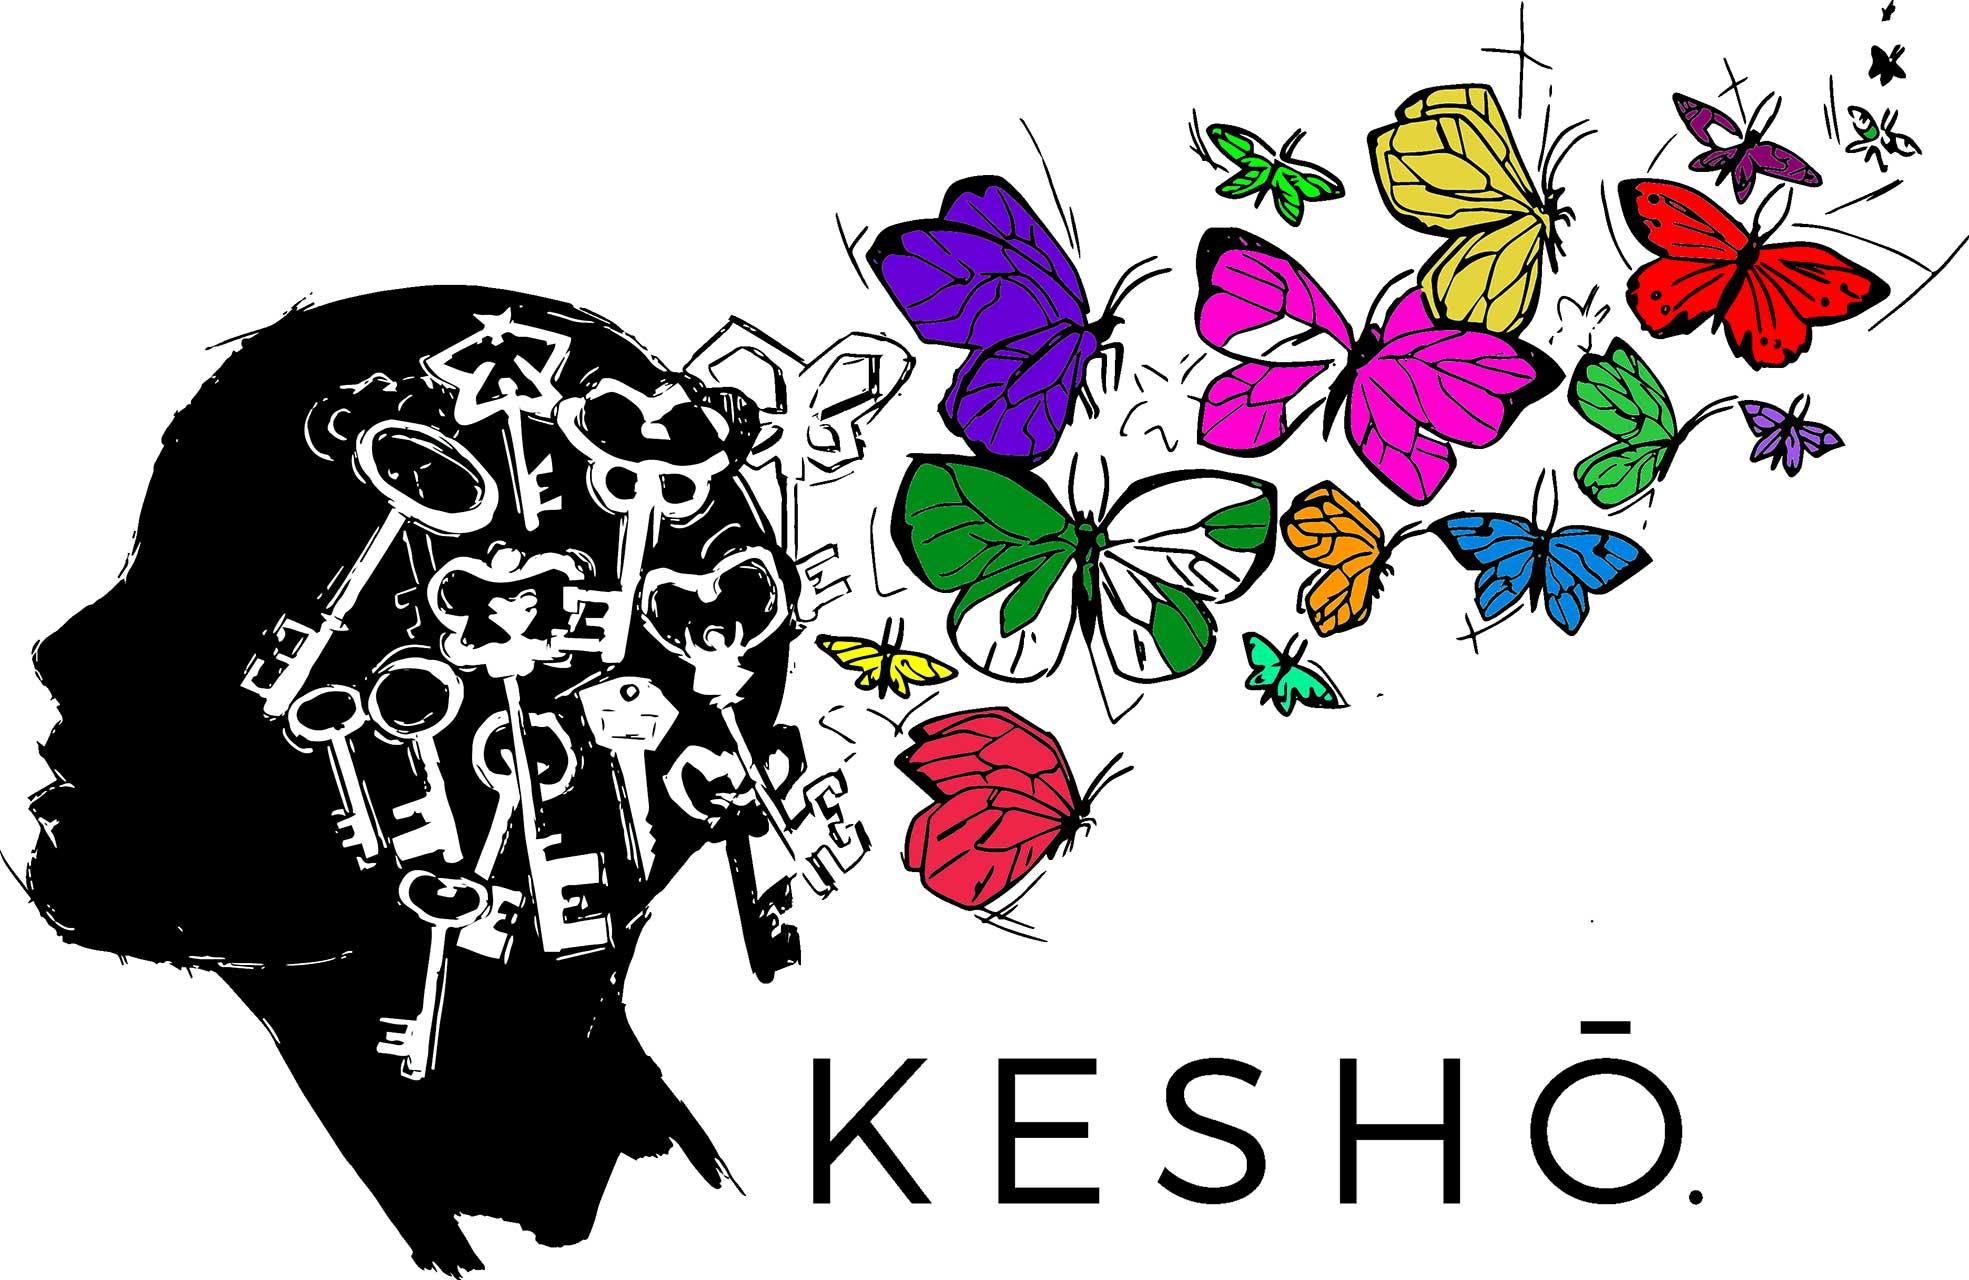 kesho logo couleurs